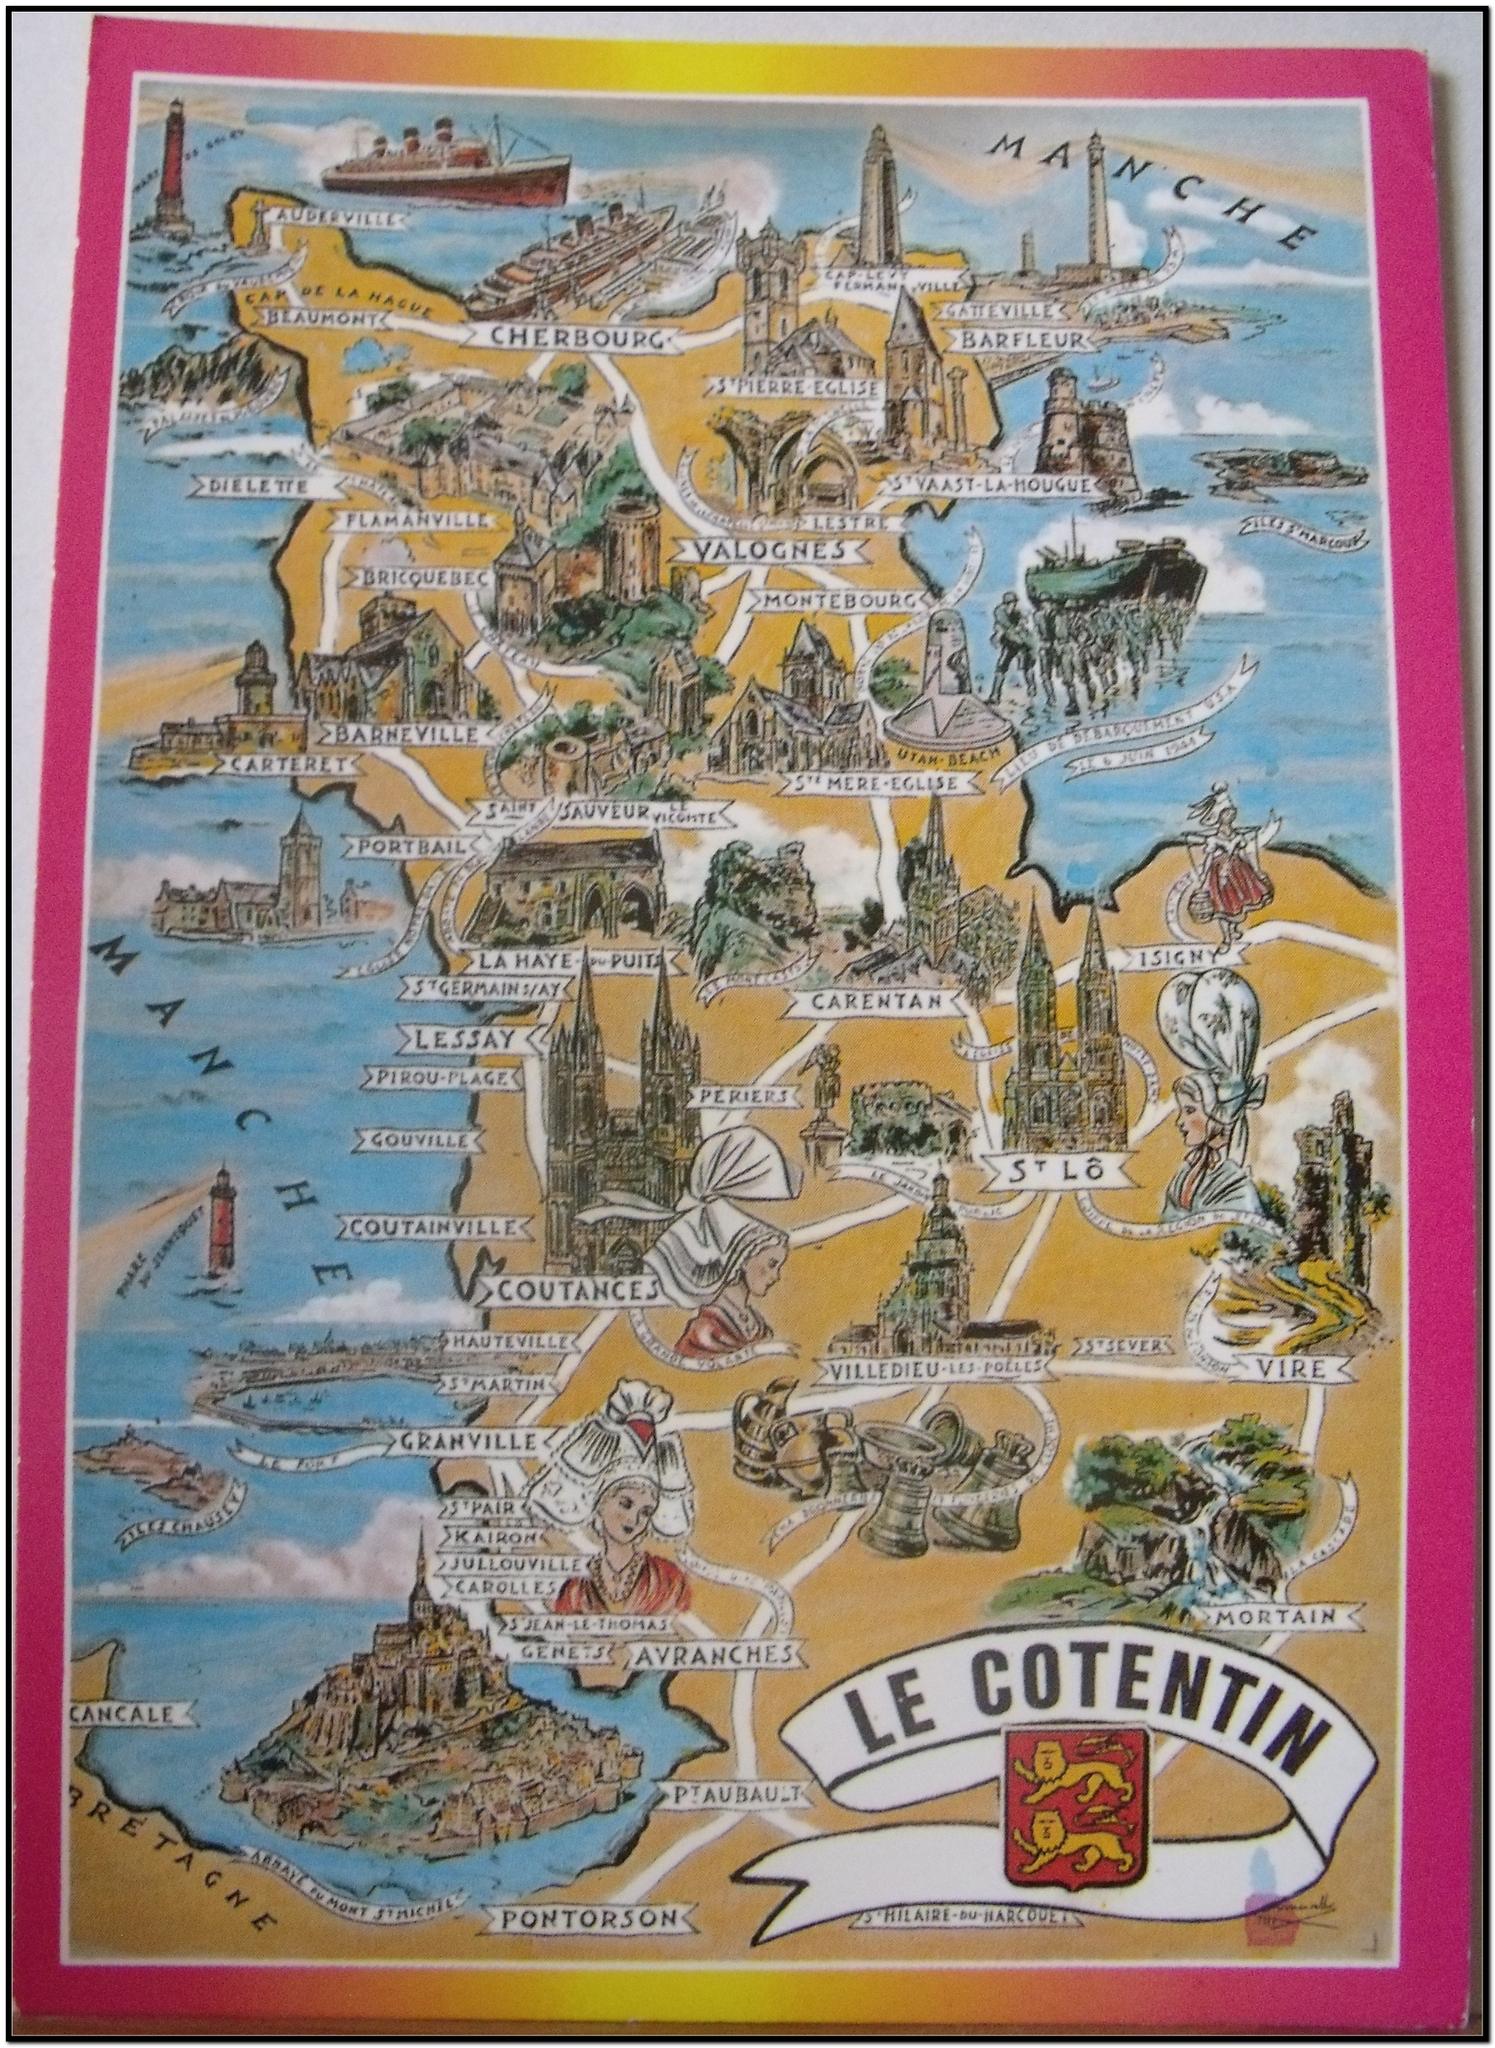 Cotentin - datée 1992